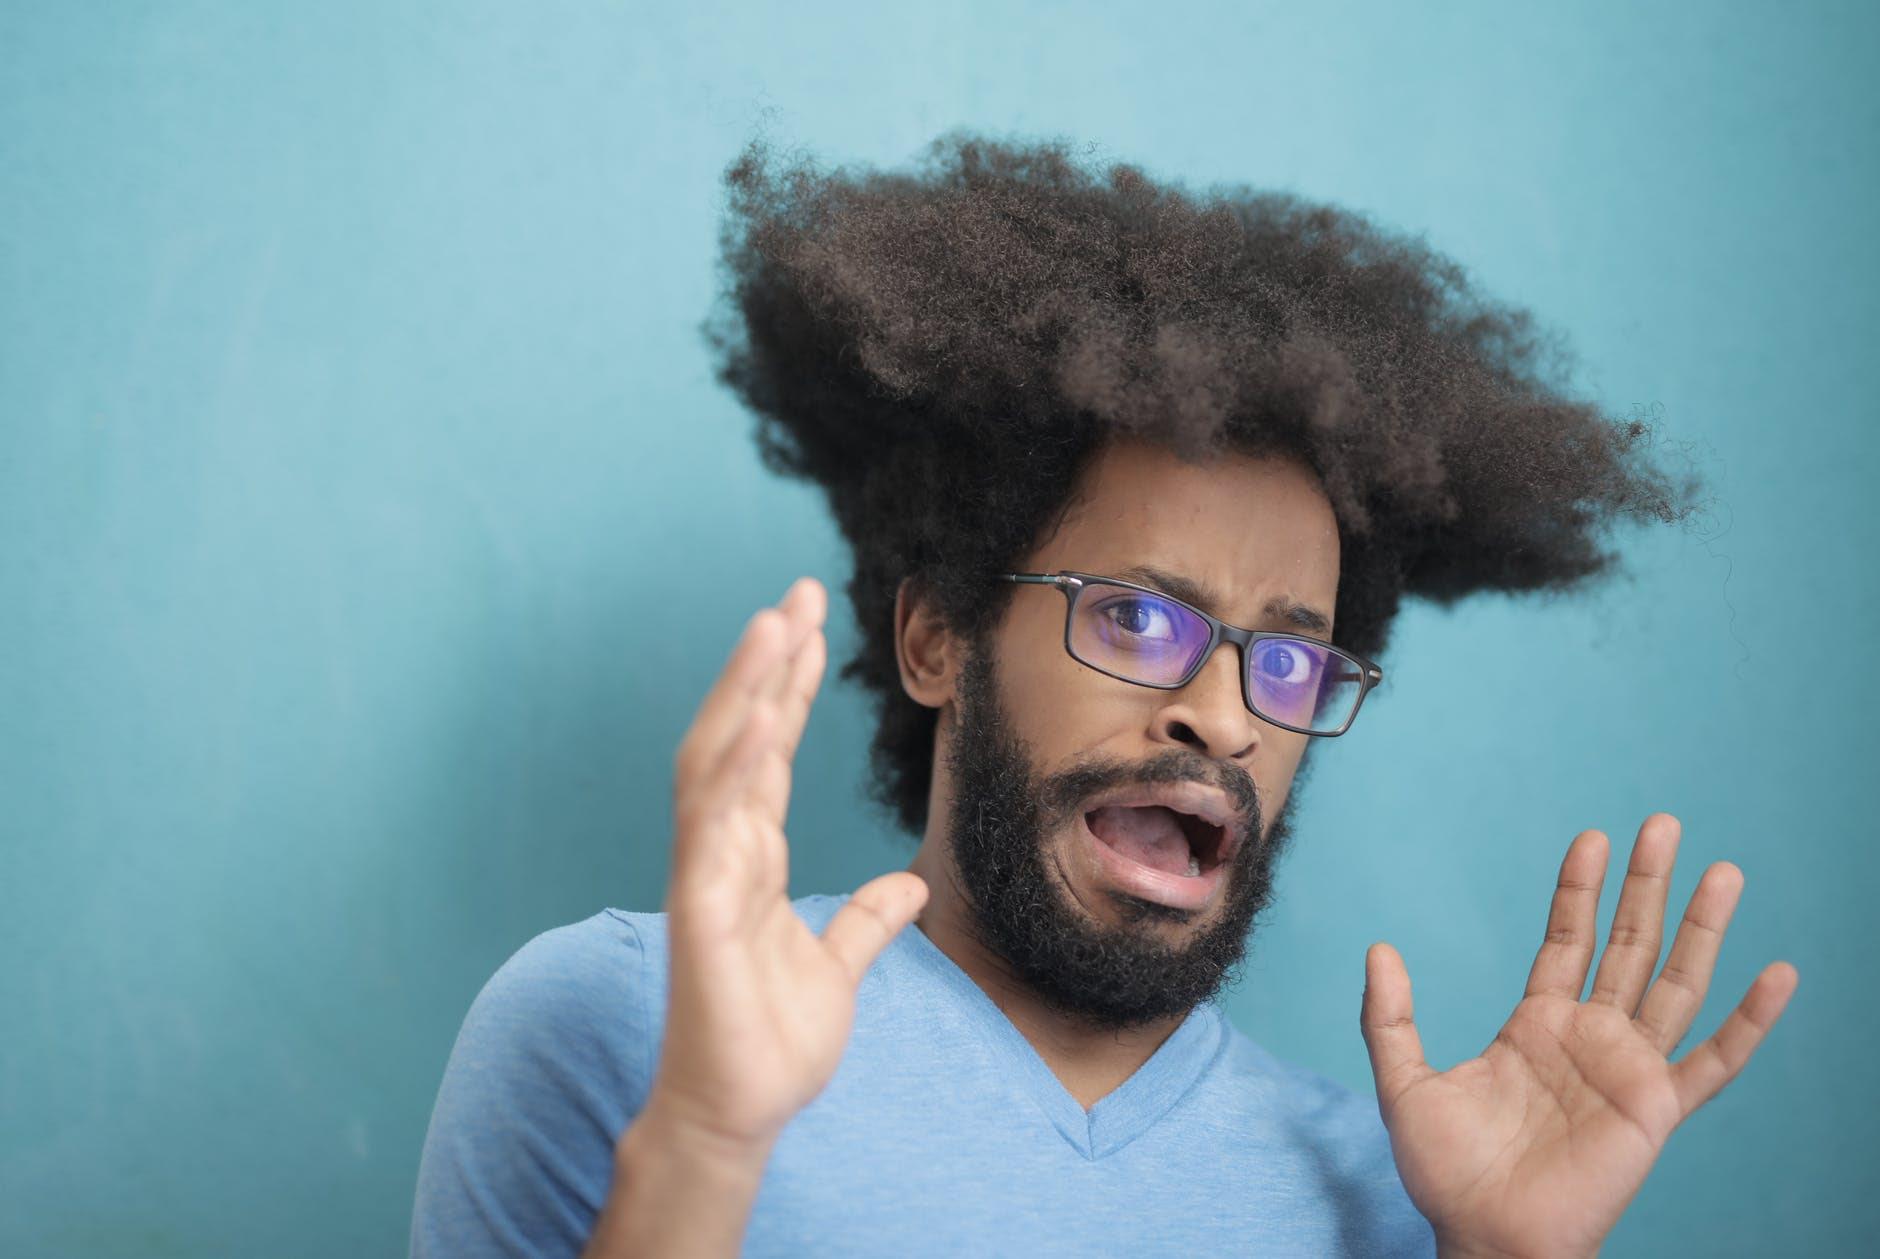 man in teal v neck shirt wearing black framed eyeglasses